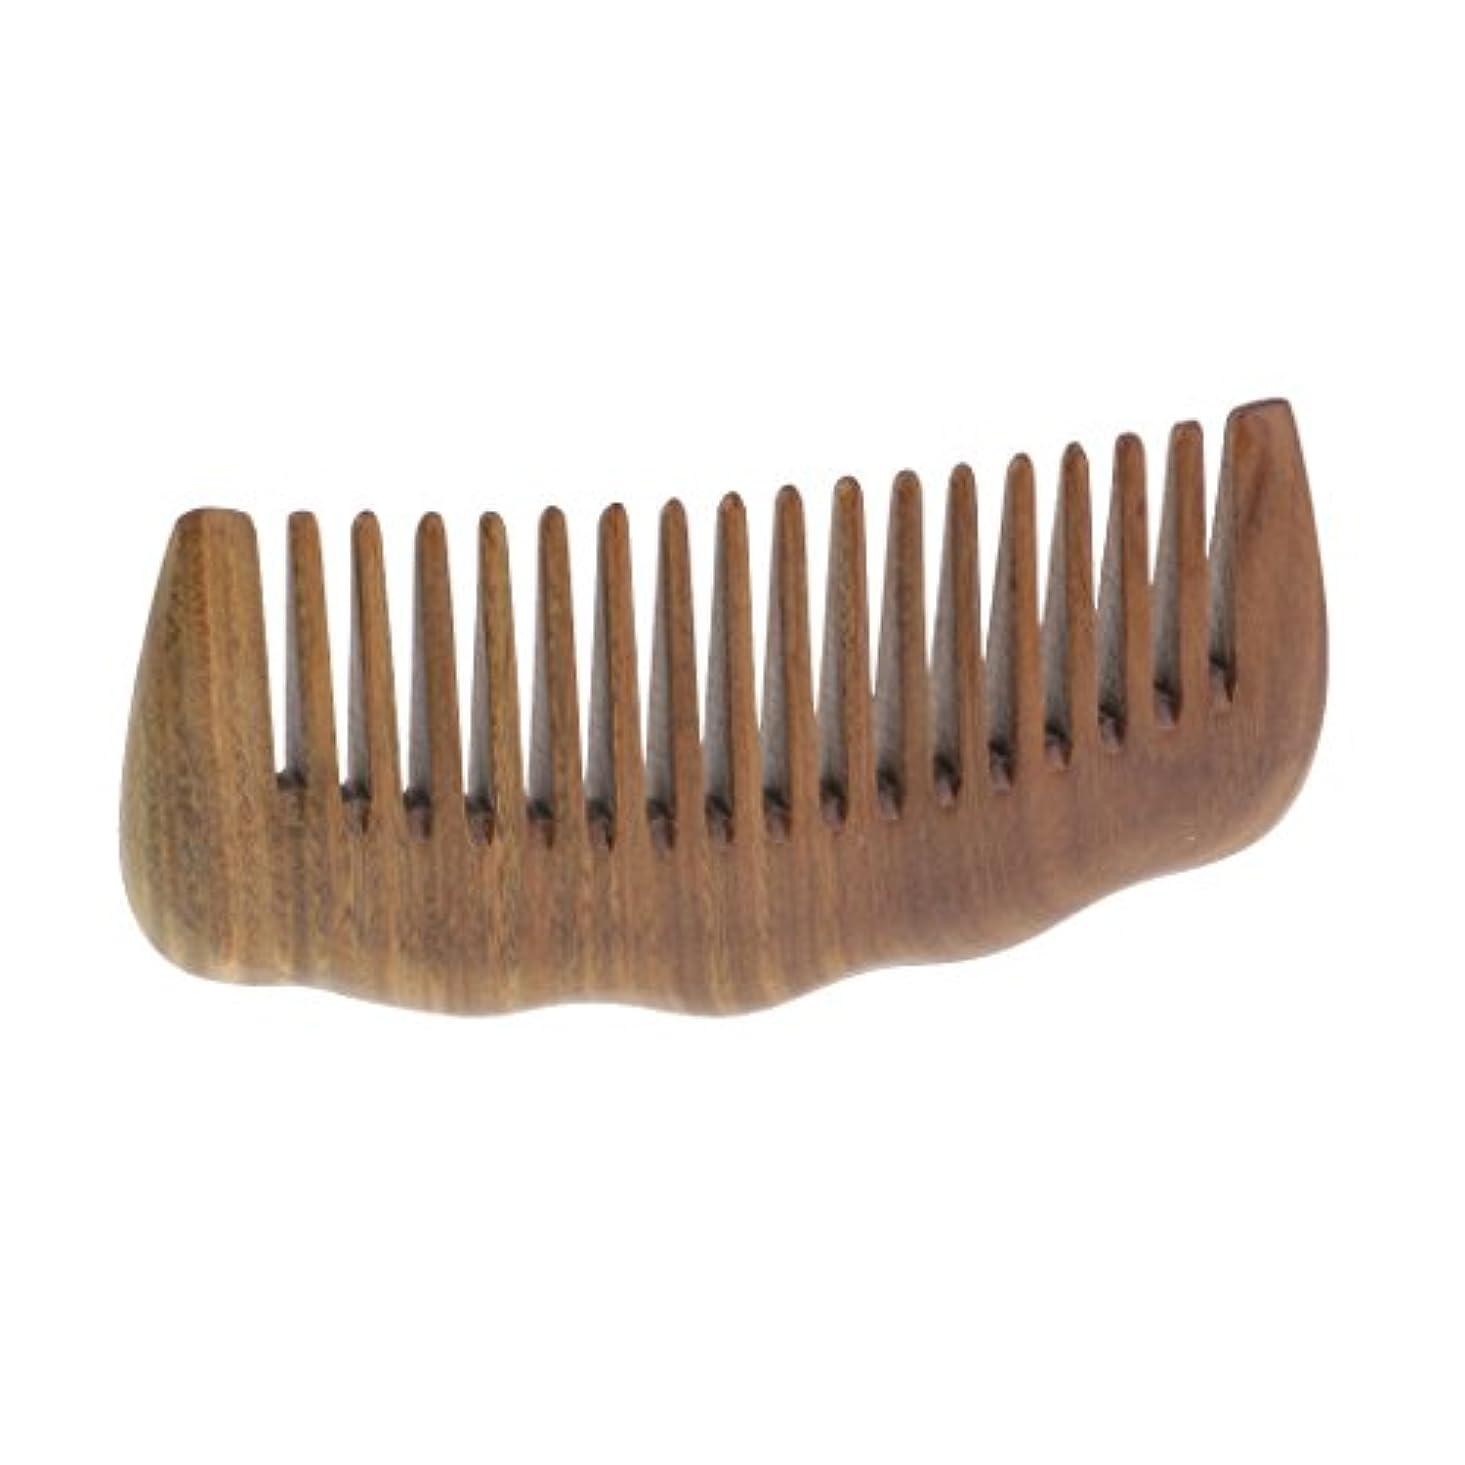 石膏喜びバット広い歯の櫛のサンダルウッドのアロママッサージの毛のもつれを解くブラシのひげの櫛